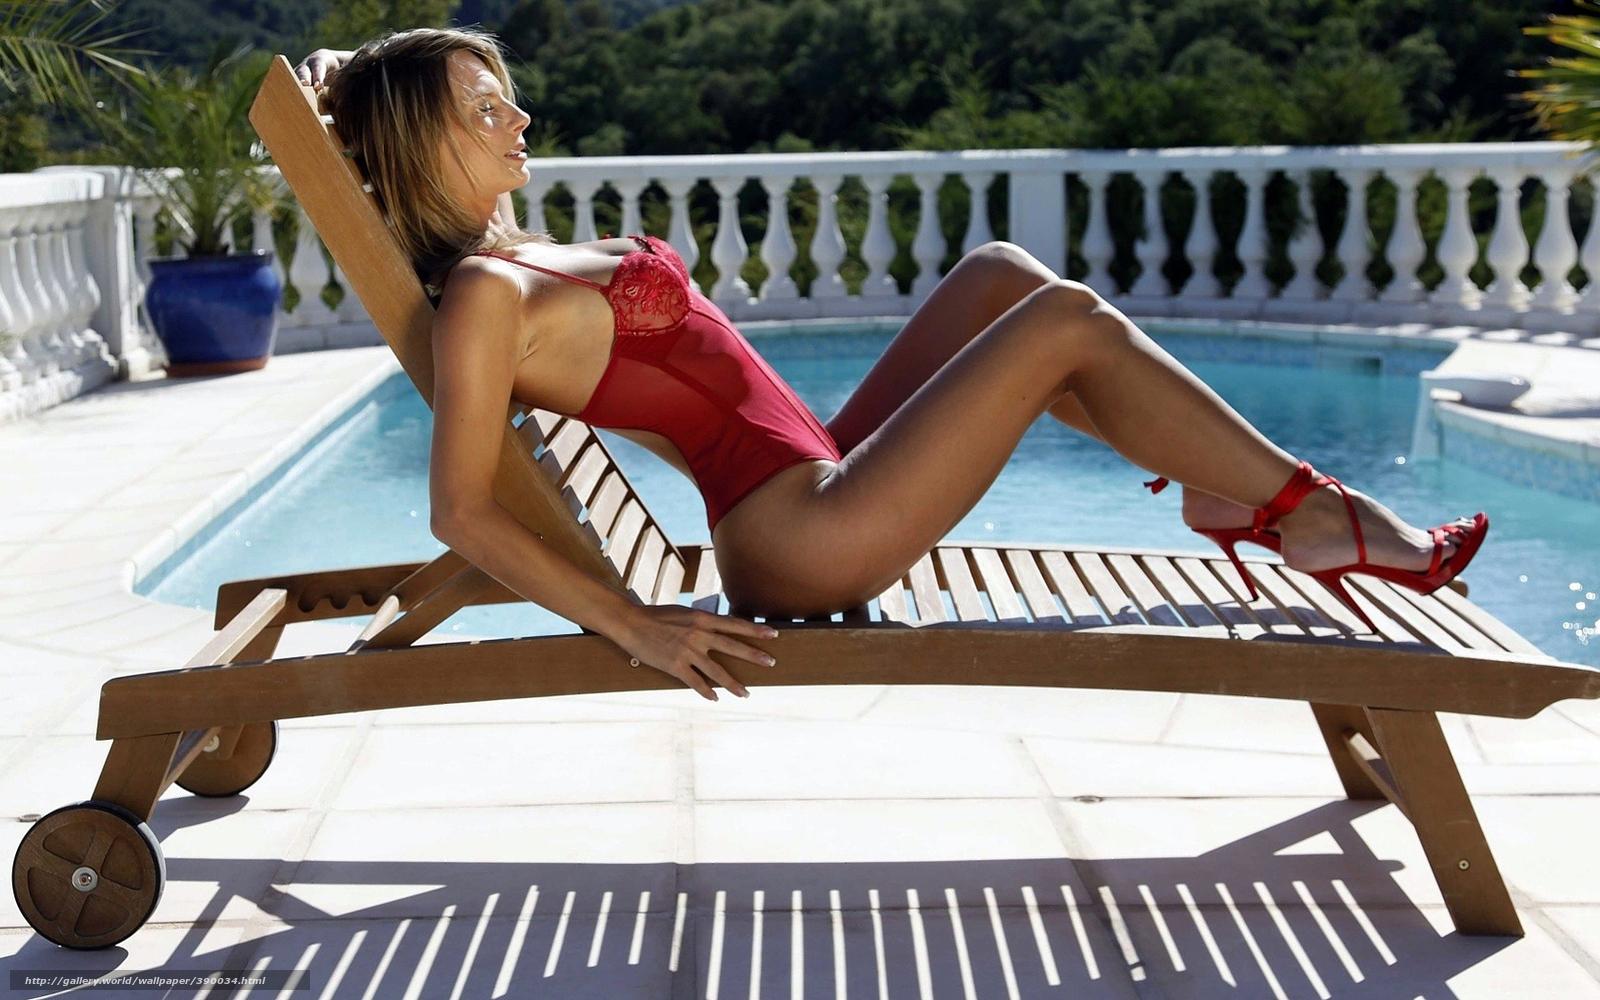 Анальный секс с красивой блондинкой на шезлонге у бассейна